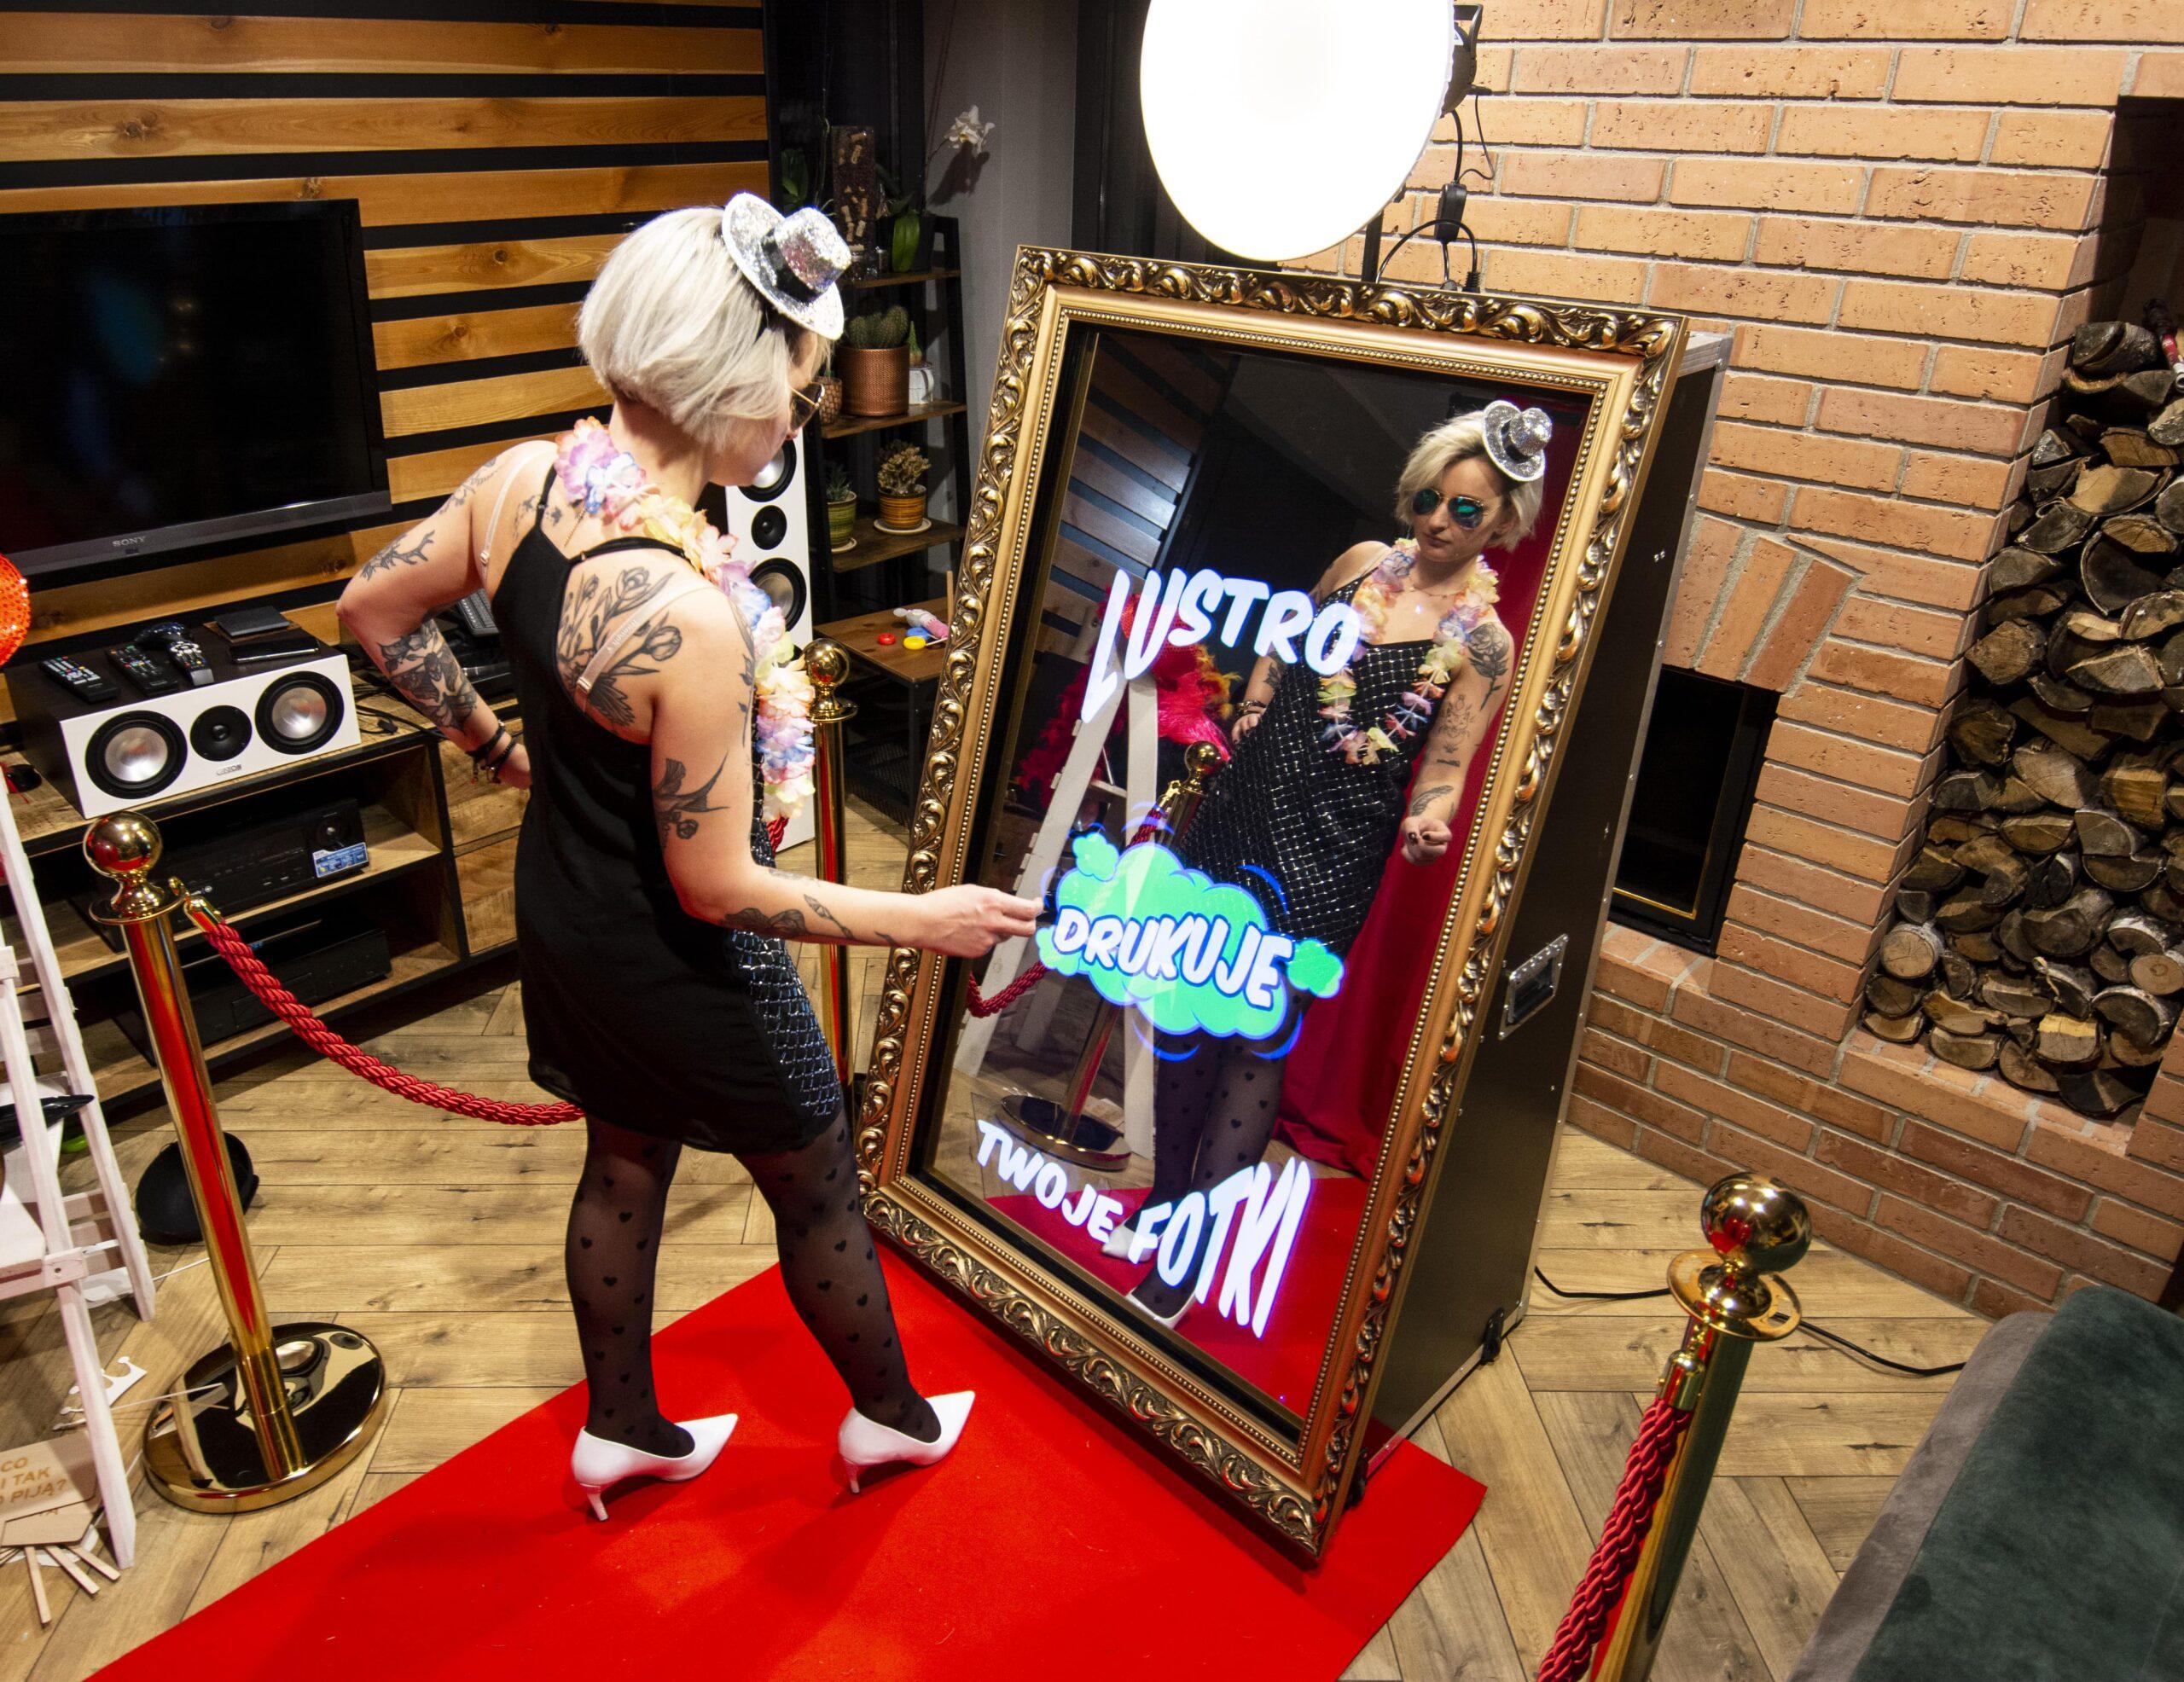 lustro drukuje na miejscu fotki